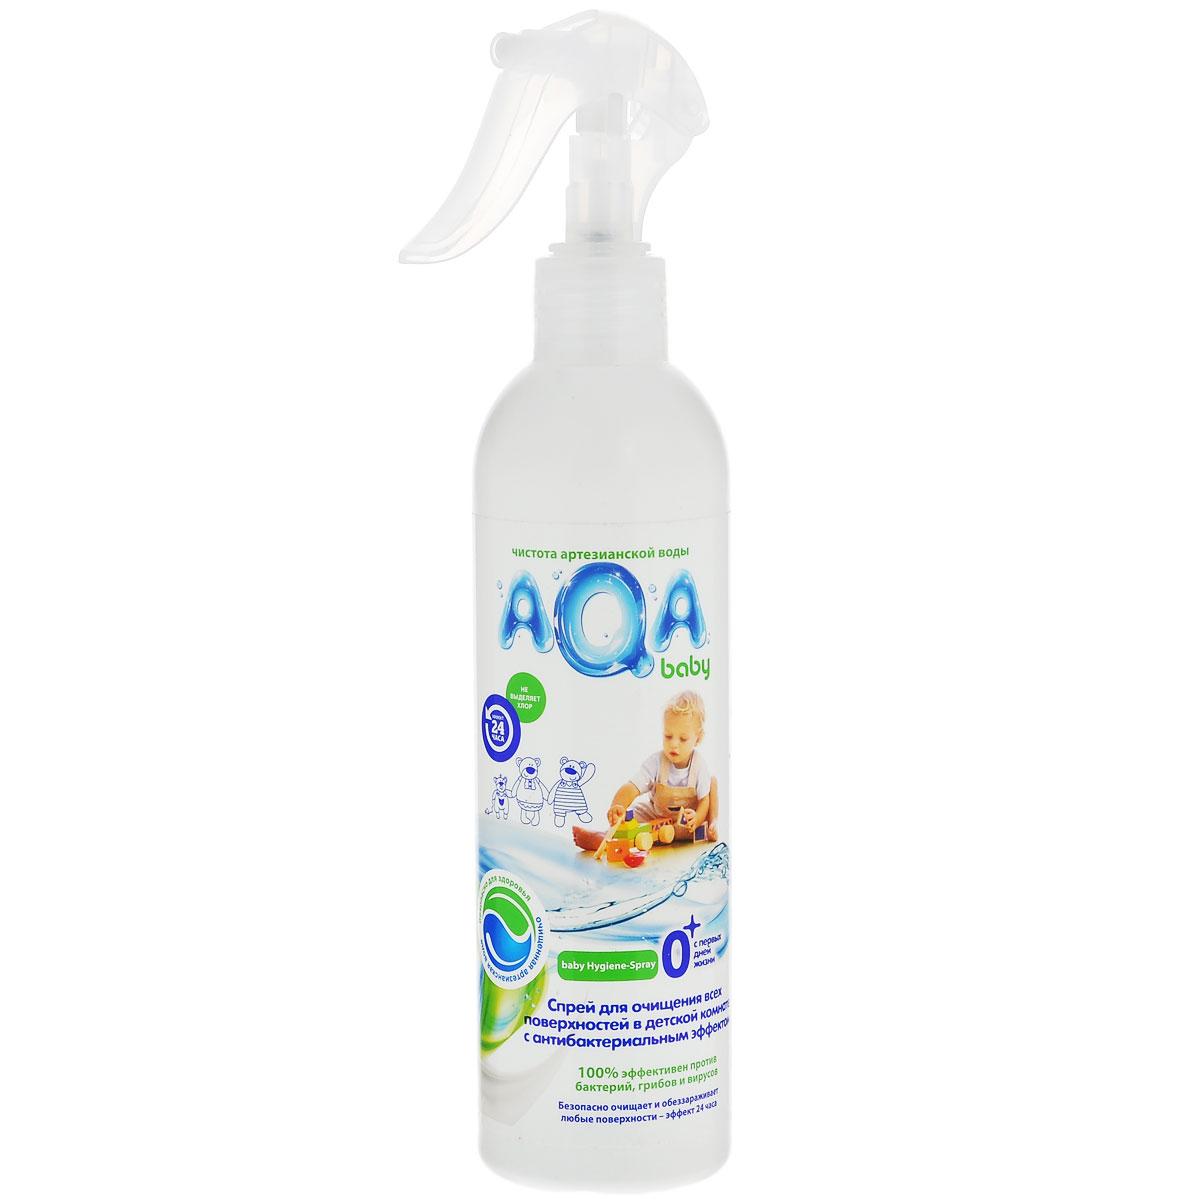 AQA Baby Антибактериальный спрей для очищения всех поверхностей в детской комнате, 300 мл009521AQA Baby антибактериальный спрей для очищения всех поверхностей в детской комнате. Инновация в области безопасных средств для уборки в детской комнате: очищает и обеззараживает любые поверхности в детской комнате, предметы, в том числе детские игрушки, горшки и т.д., устраняет неприятные запахи, разрушая их, а не маскируя,без хлора, красителей и оптических осветлителей. Безопасно для малыша и мамы, домашних питомцев и окружающей среды: не остается на поверхностях на основе возобновляемого природного сырья не нужно смывать водой Эффективность подтверждена тестами в соответствии со стандартом США AATCC 100-1998. Эффект 24 часа: Бактерицидный: удаляет вредные бактерии (эффективен как против грам-положительных, так и грам-отрицательных бактерий) Антибактериальный: блокирует рост и размножение микроорганизмов (в том числе грибов) Используется AQA Baby антибактериальный спрей для протирания игрушек,...